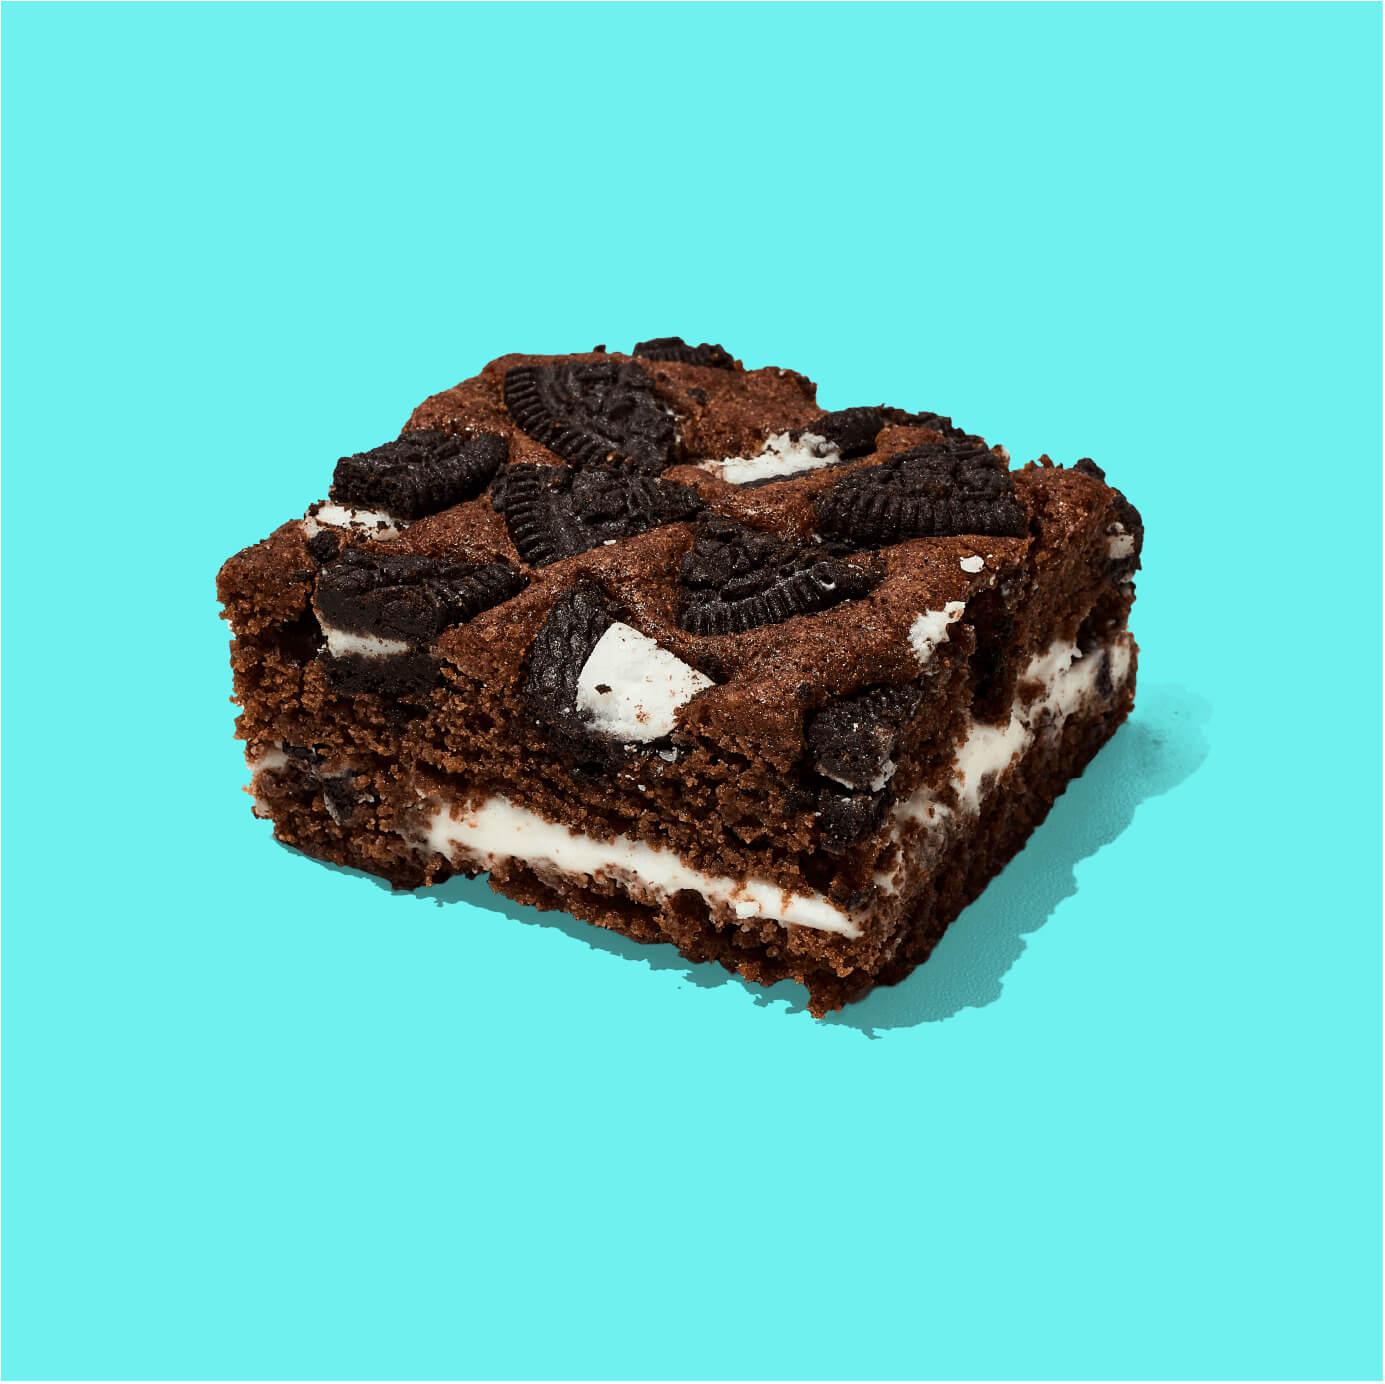 Brownie de chocolate con una deliciosa crema de vainilla y trozos de galleta. Decorados con galletas Oreo.  Medida de Producto: 6.5 cm de ancho, 6.5 cm de largo, 3.5 cm de altura